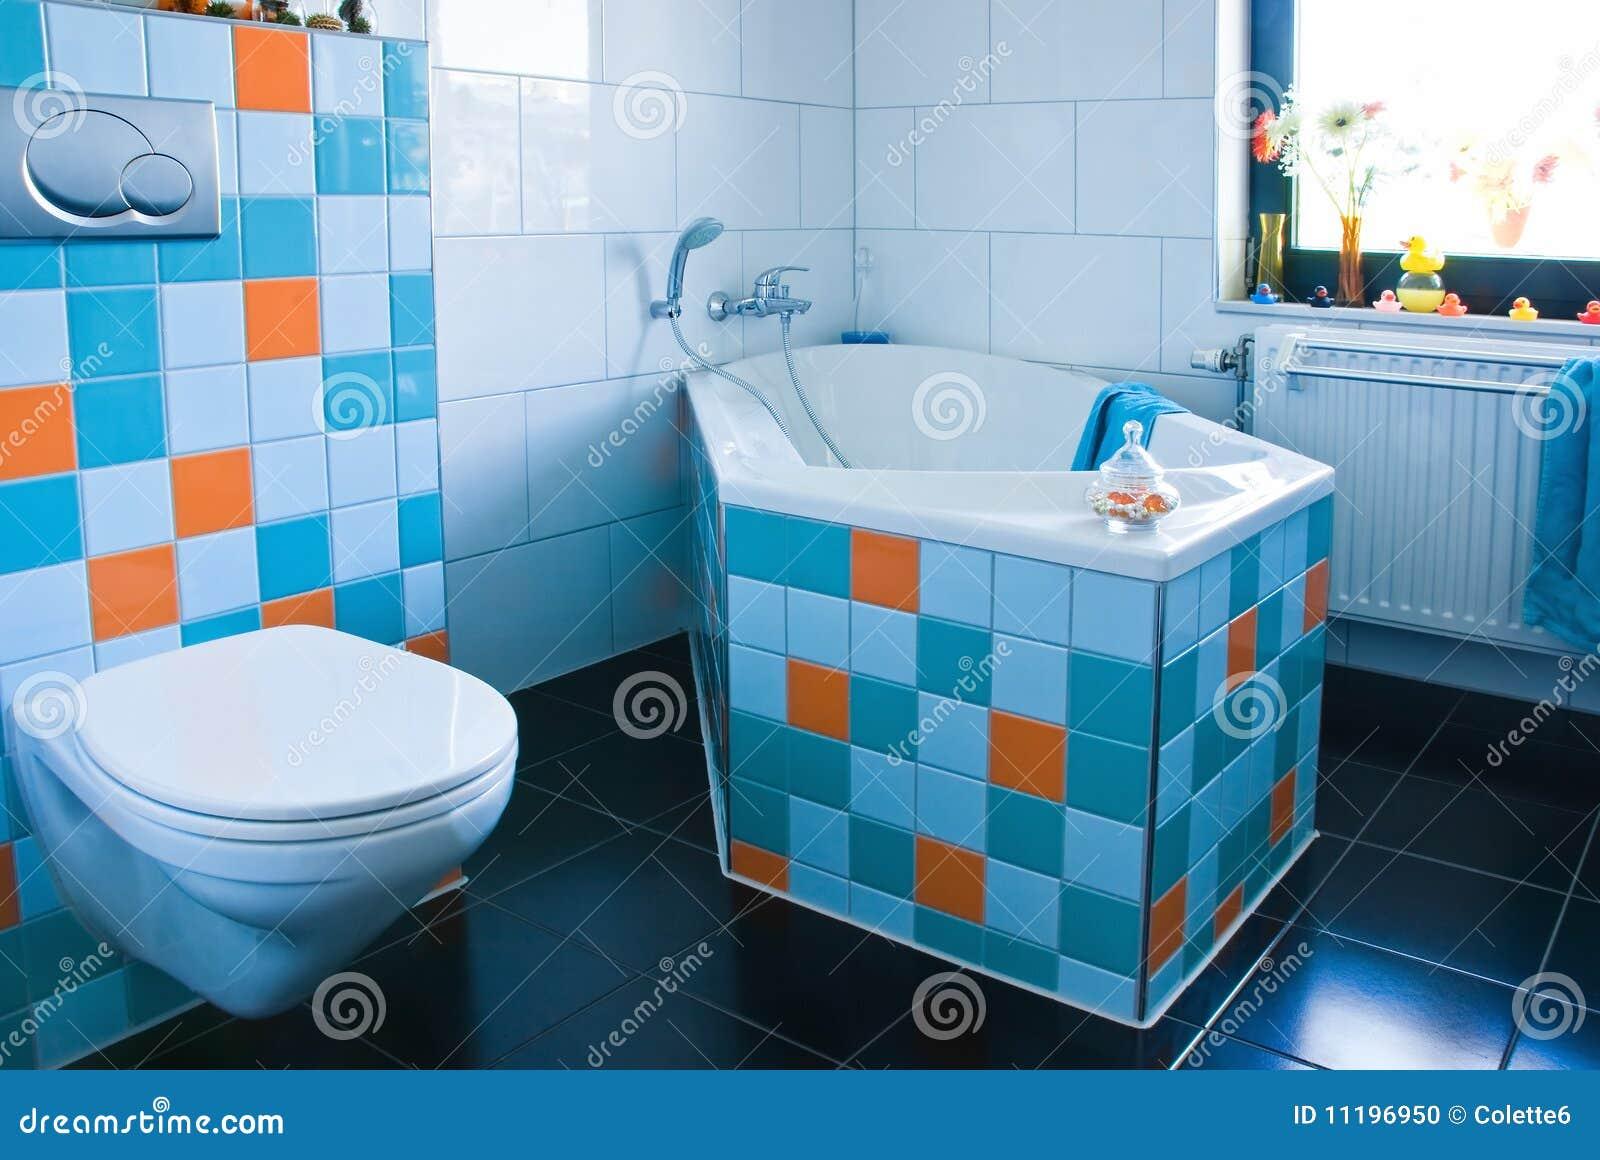 Kleurrijke witte en blauwe badkamers met zwarte vloer stock foto afbeelding 11196950 - Badkamer zwarte vloer ...